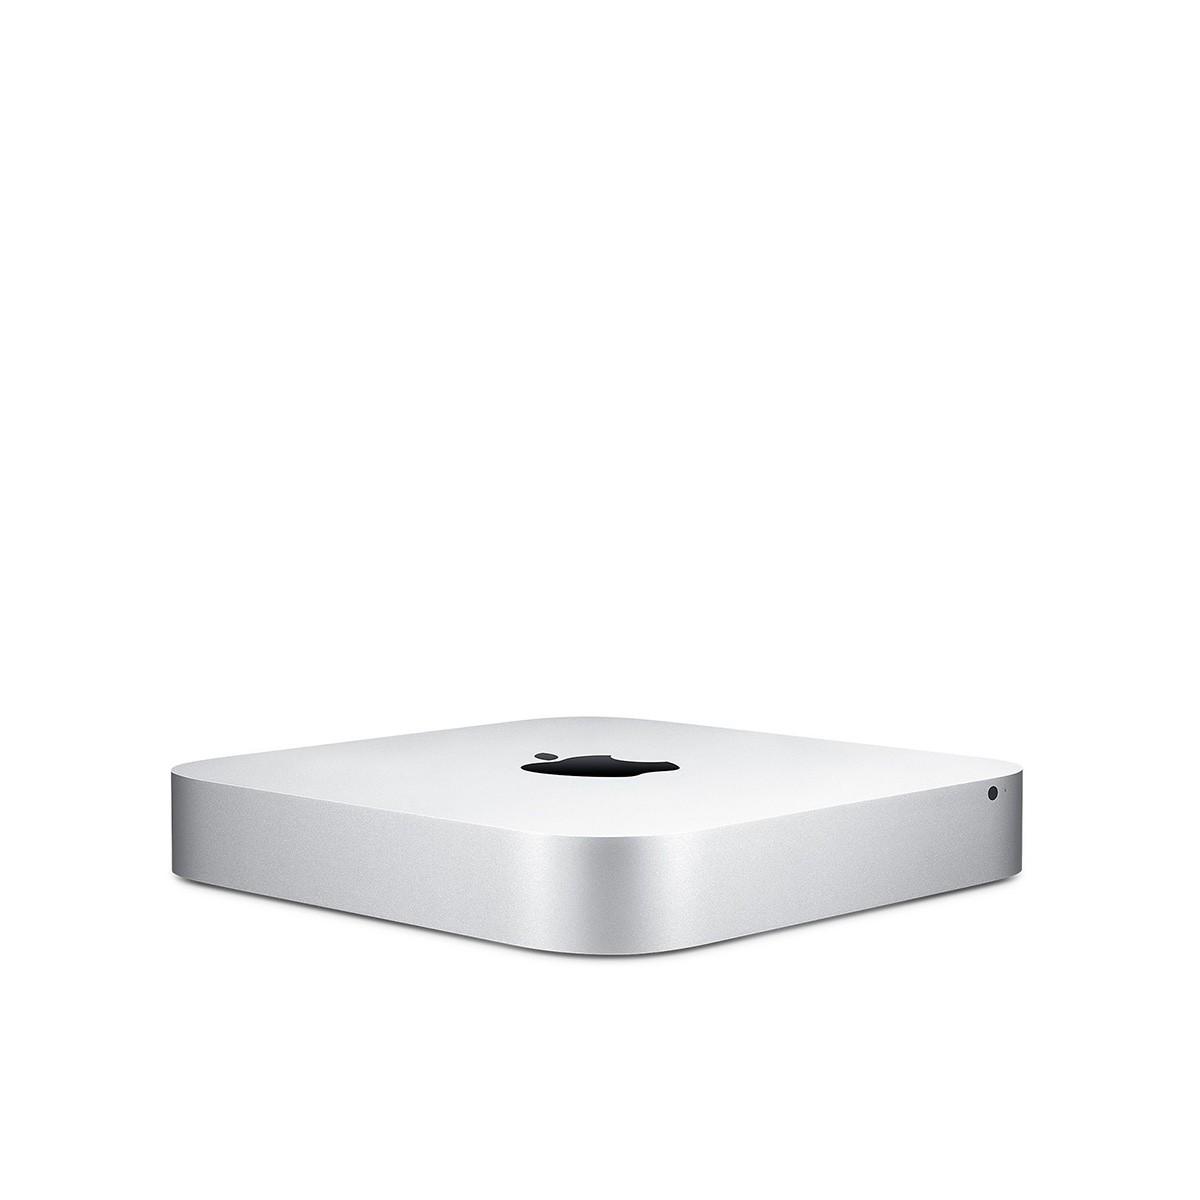 Mac mini: 1.4GHz